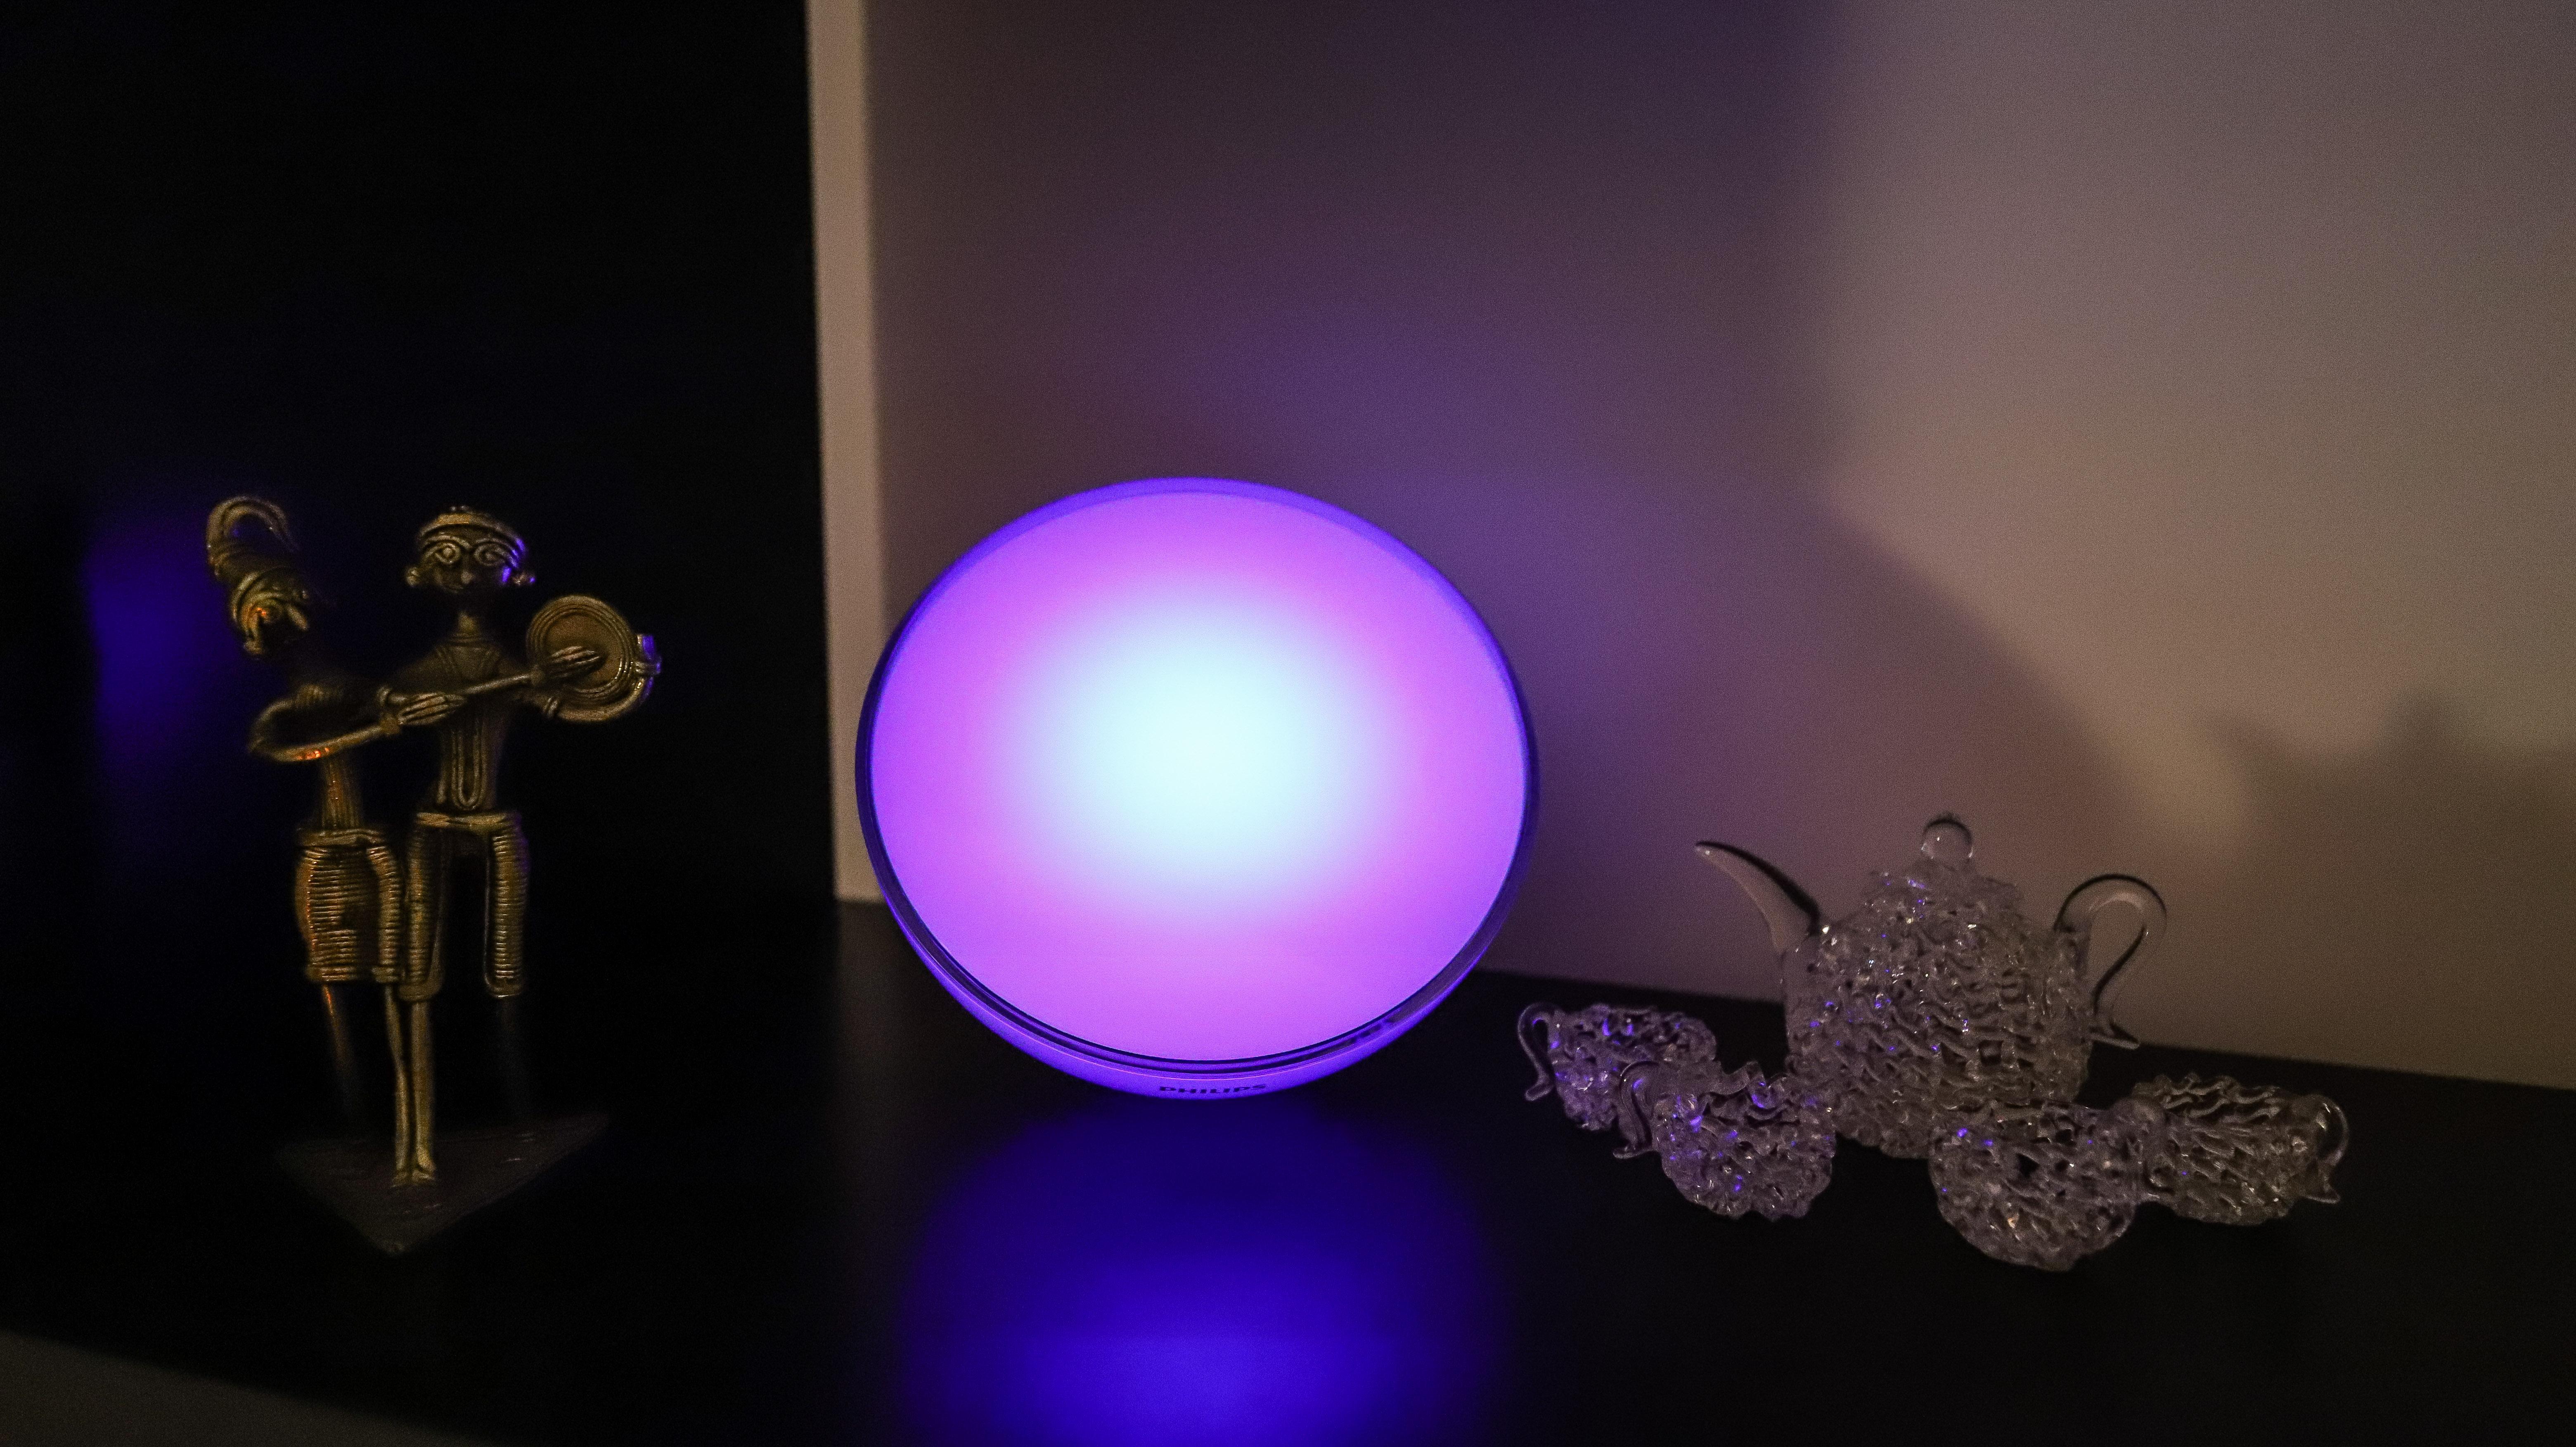 Philips Hue Go 2 con luz violeta en un estante